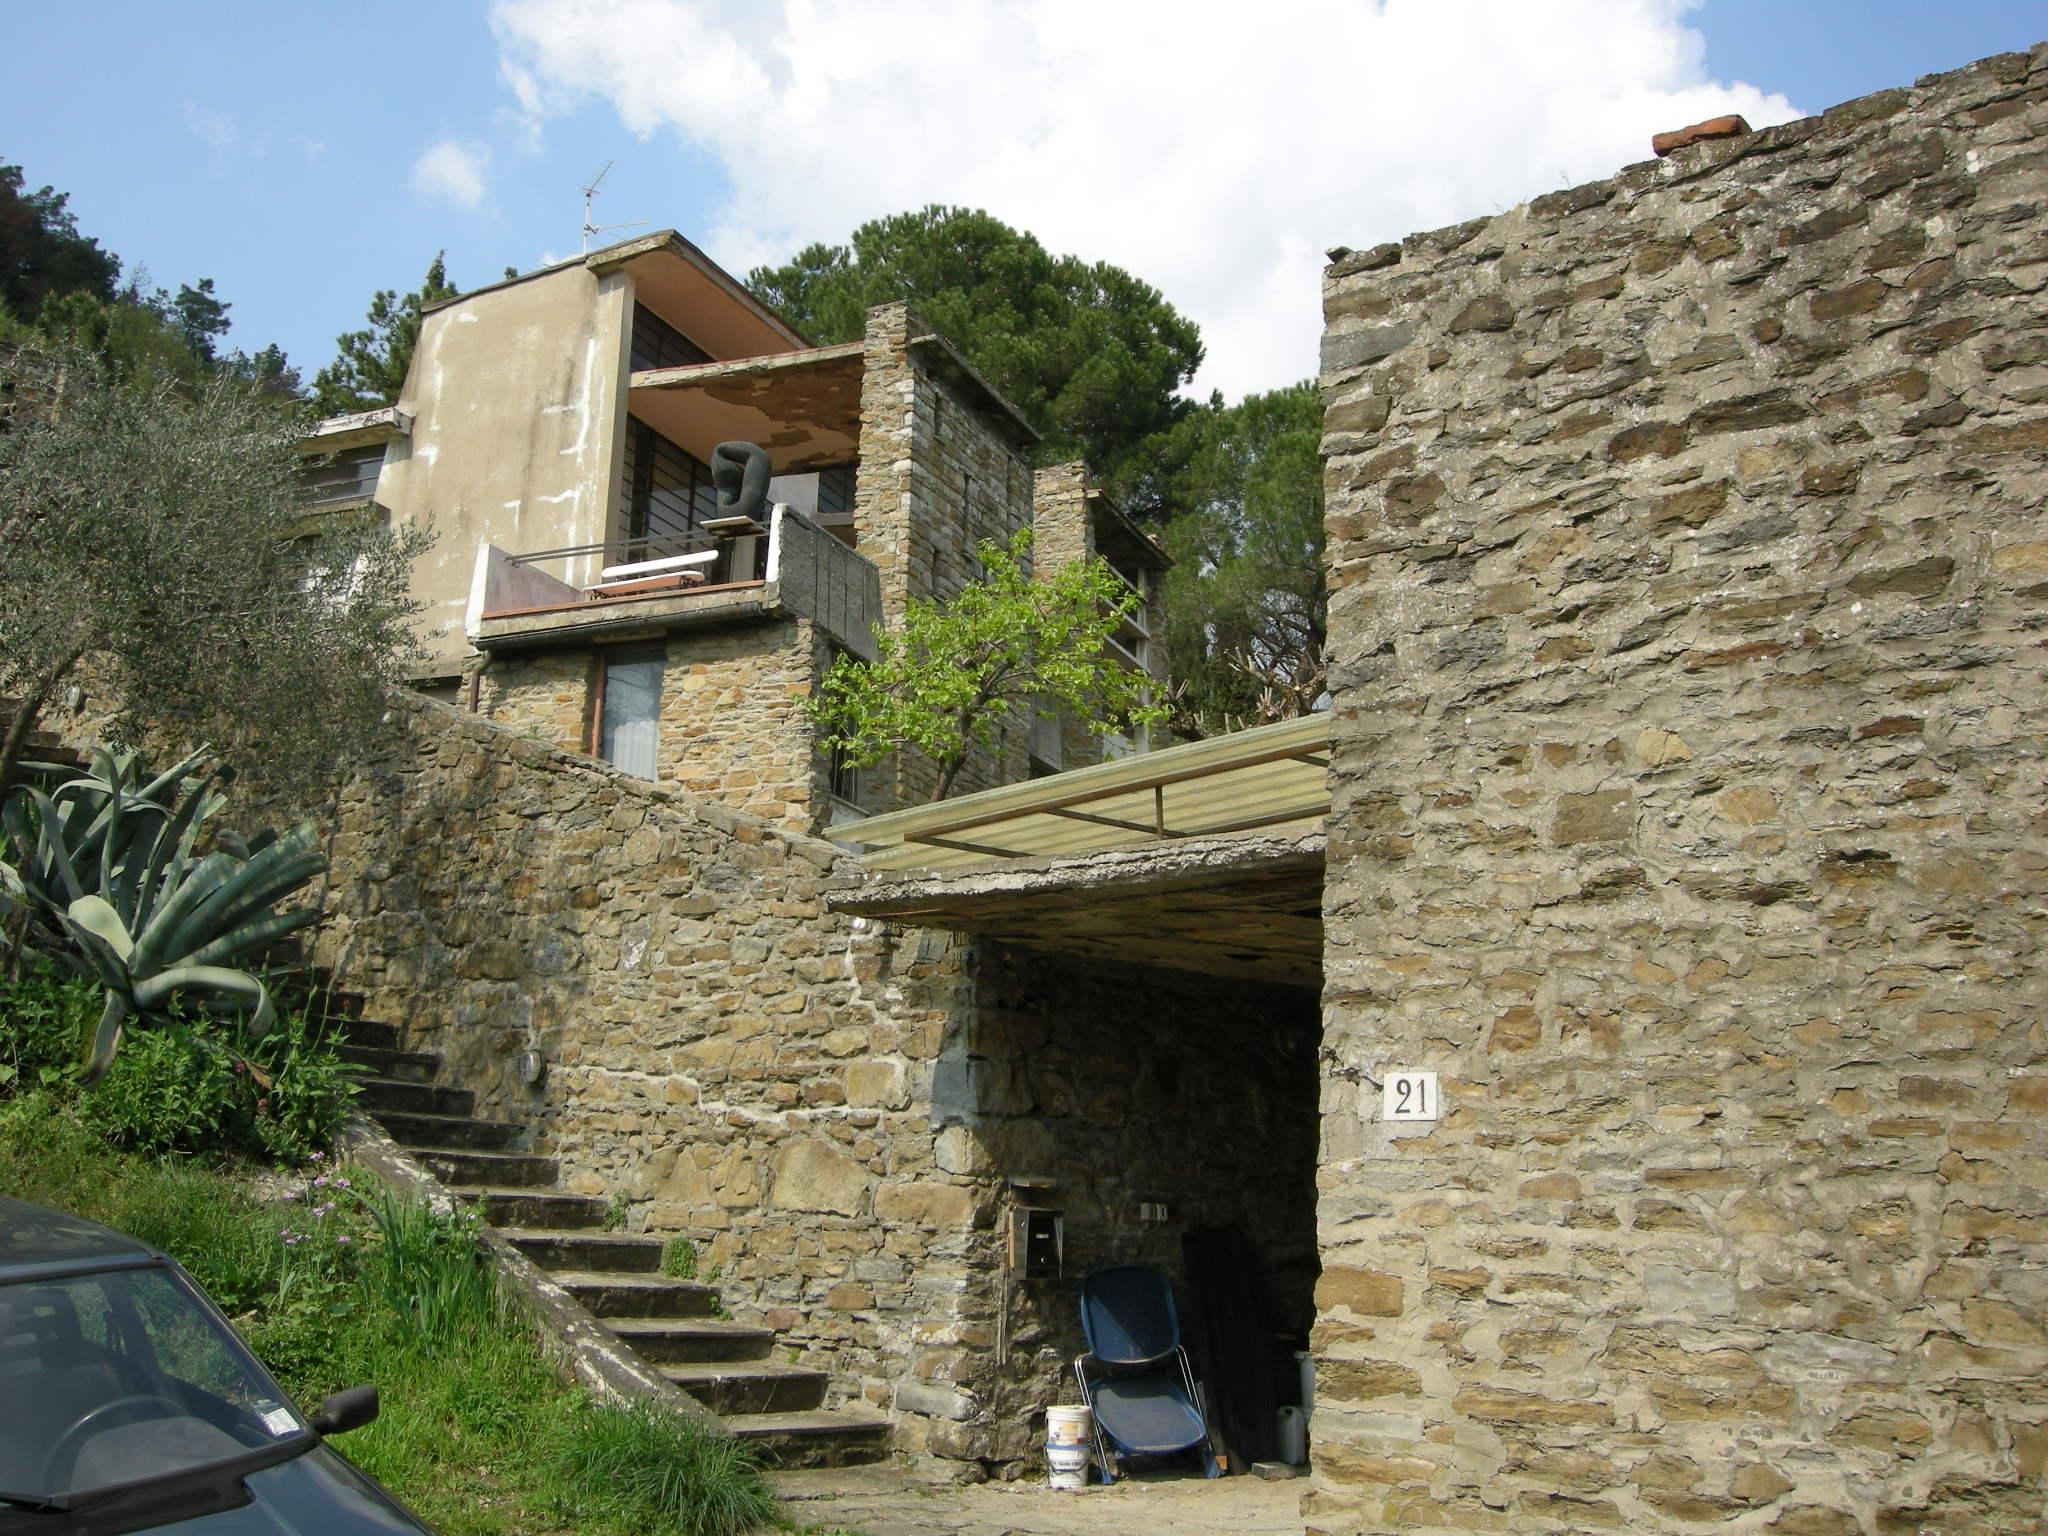 File:Casa-studio di Leonardo Ricci 05.JPG - Wikimedia Commons